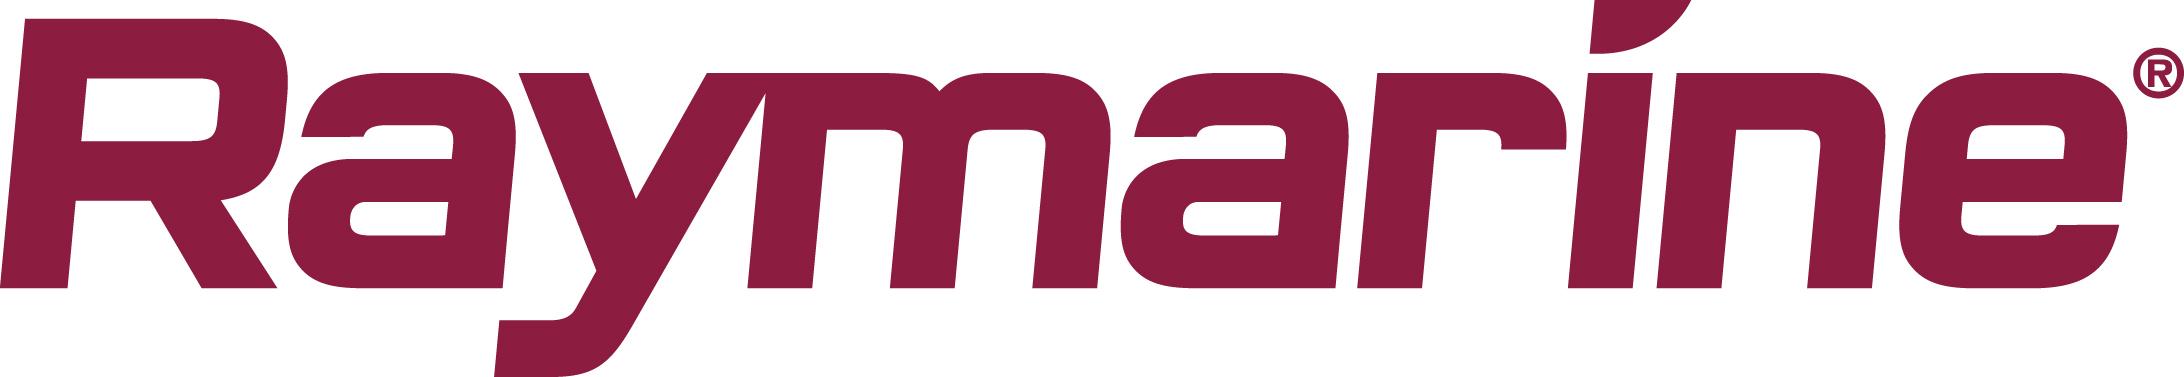 raymarine-logo.jpg